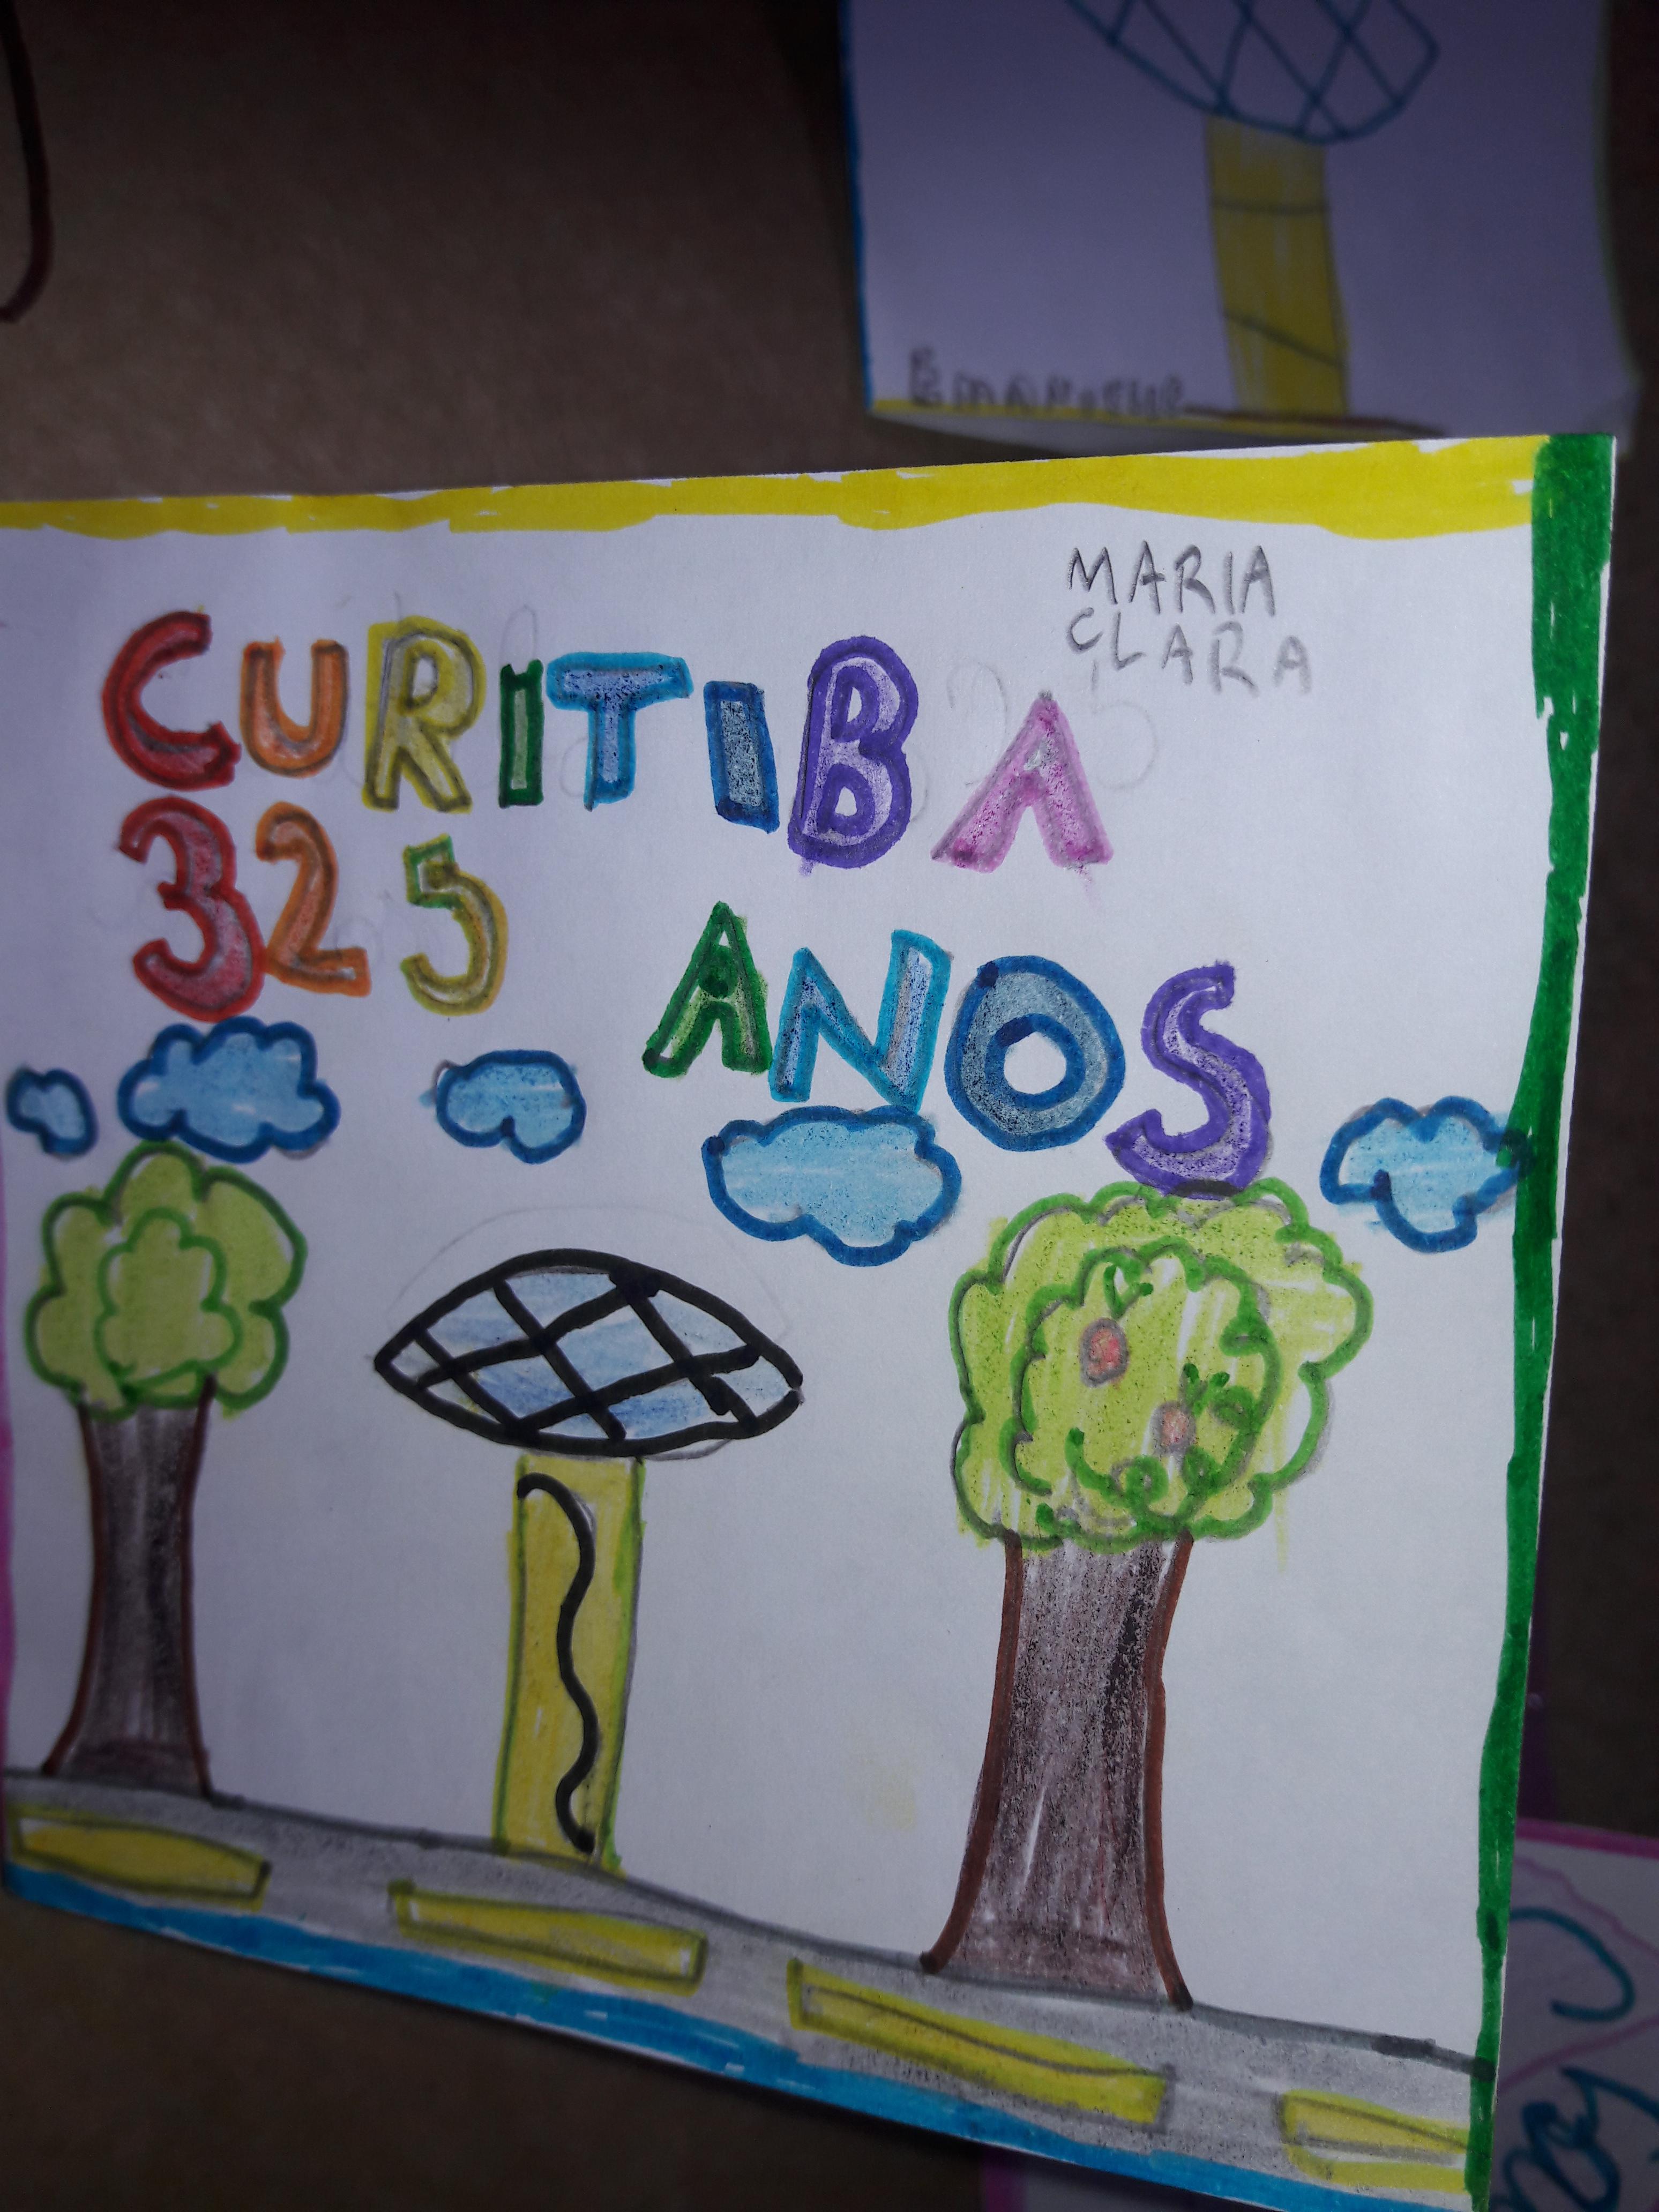 Parabéns Curitiba